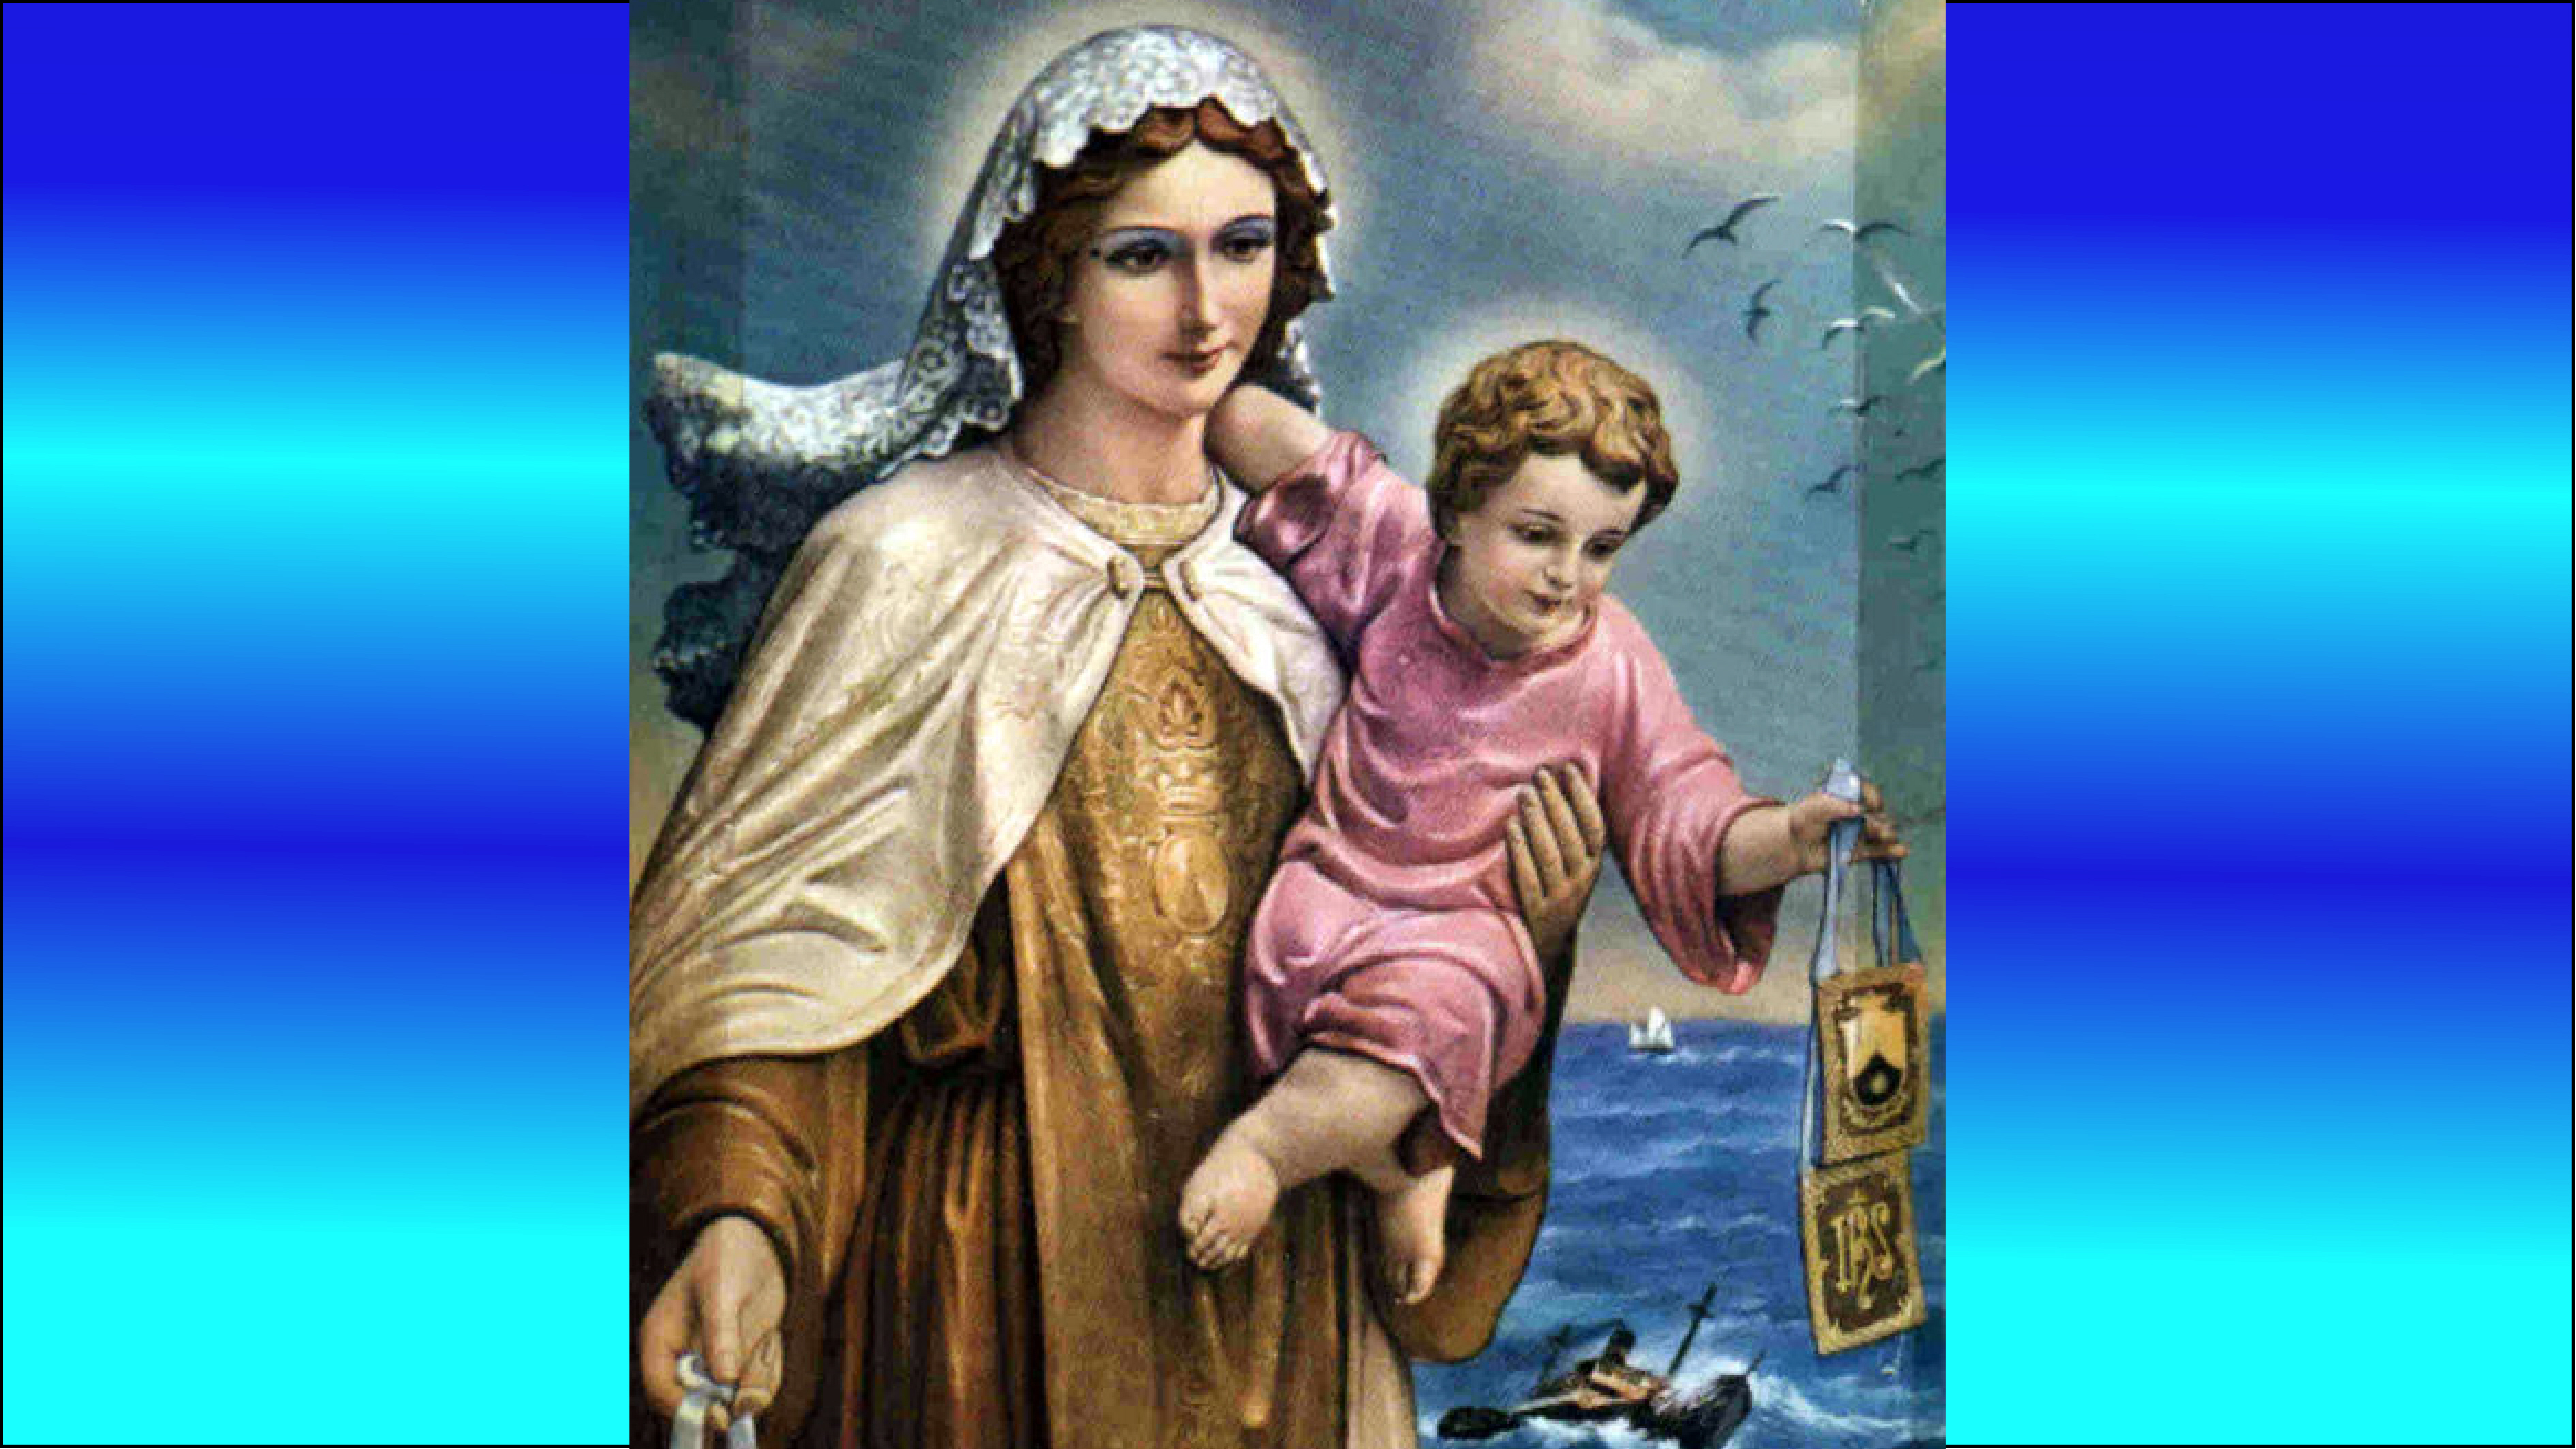 CALENDRIER CATHOLIQUE 2020 (Cantiques, Prières & Images) - Page 21 Notre-dame-du-scapulaire-5792510